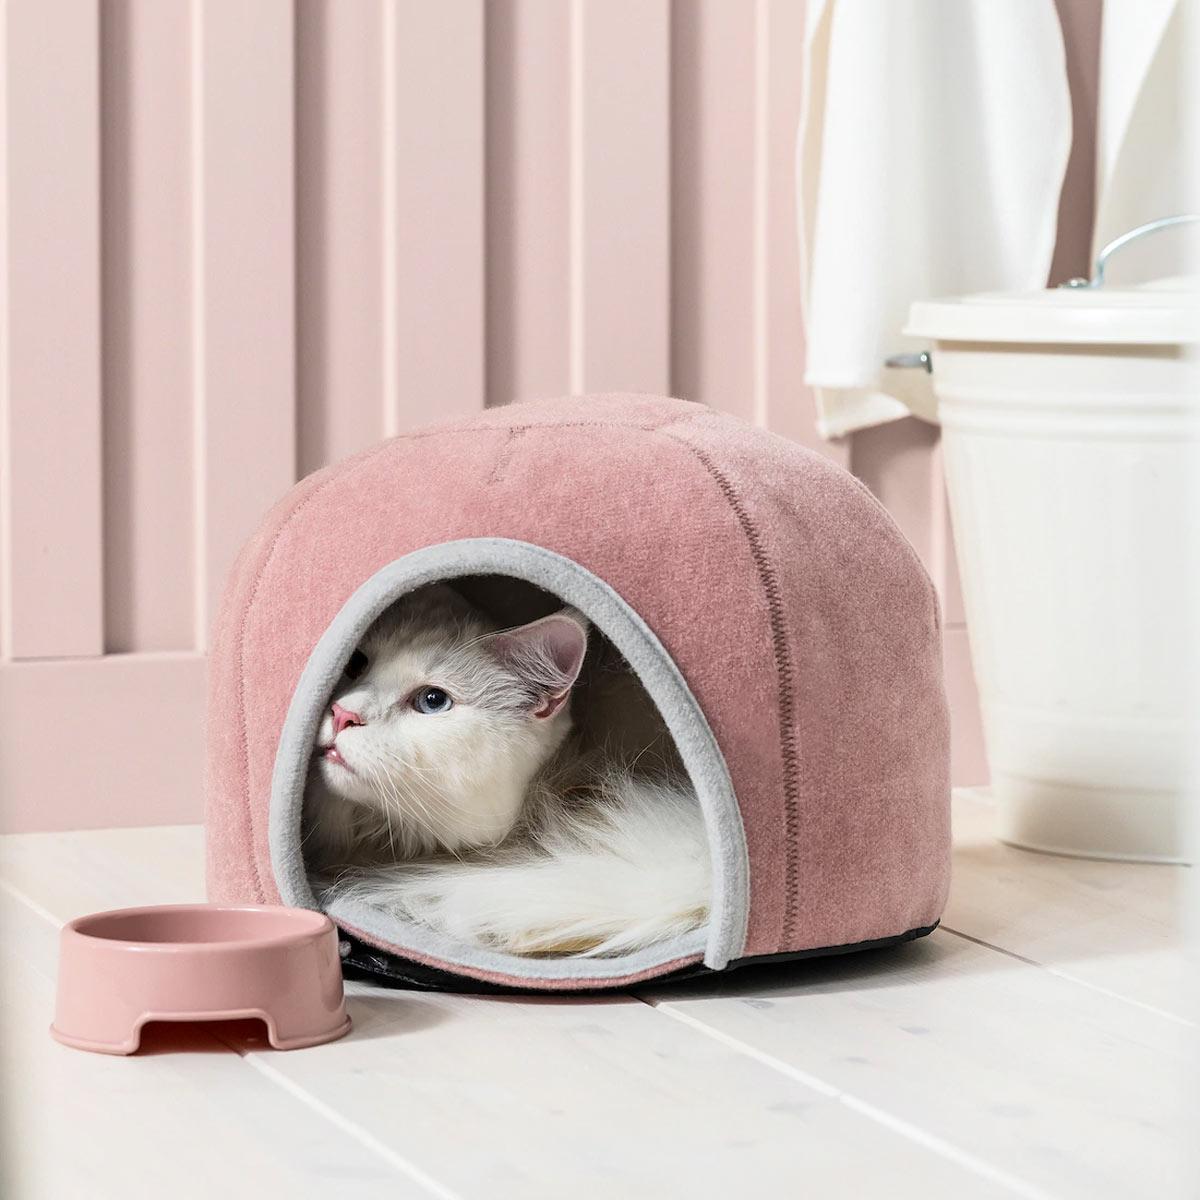 Cuccia rosa per gatti IKEA